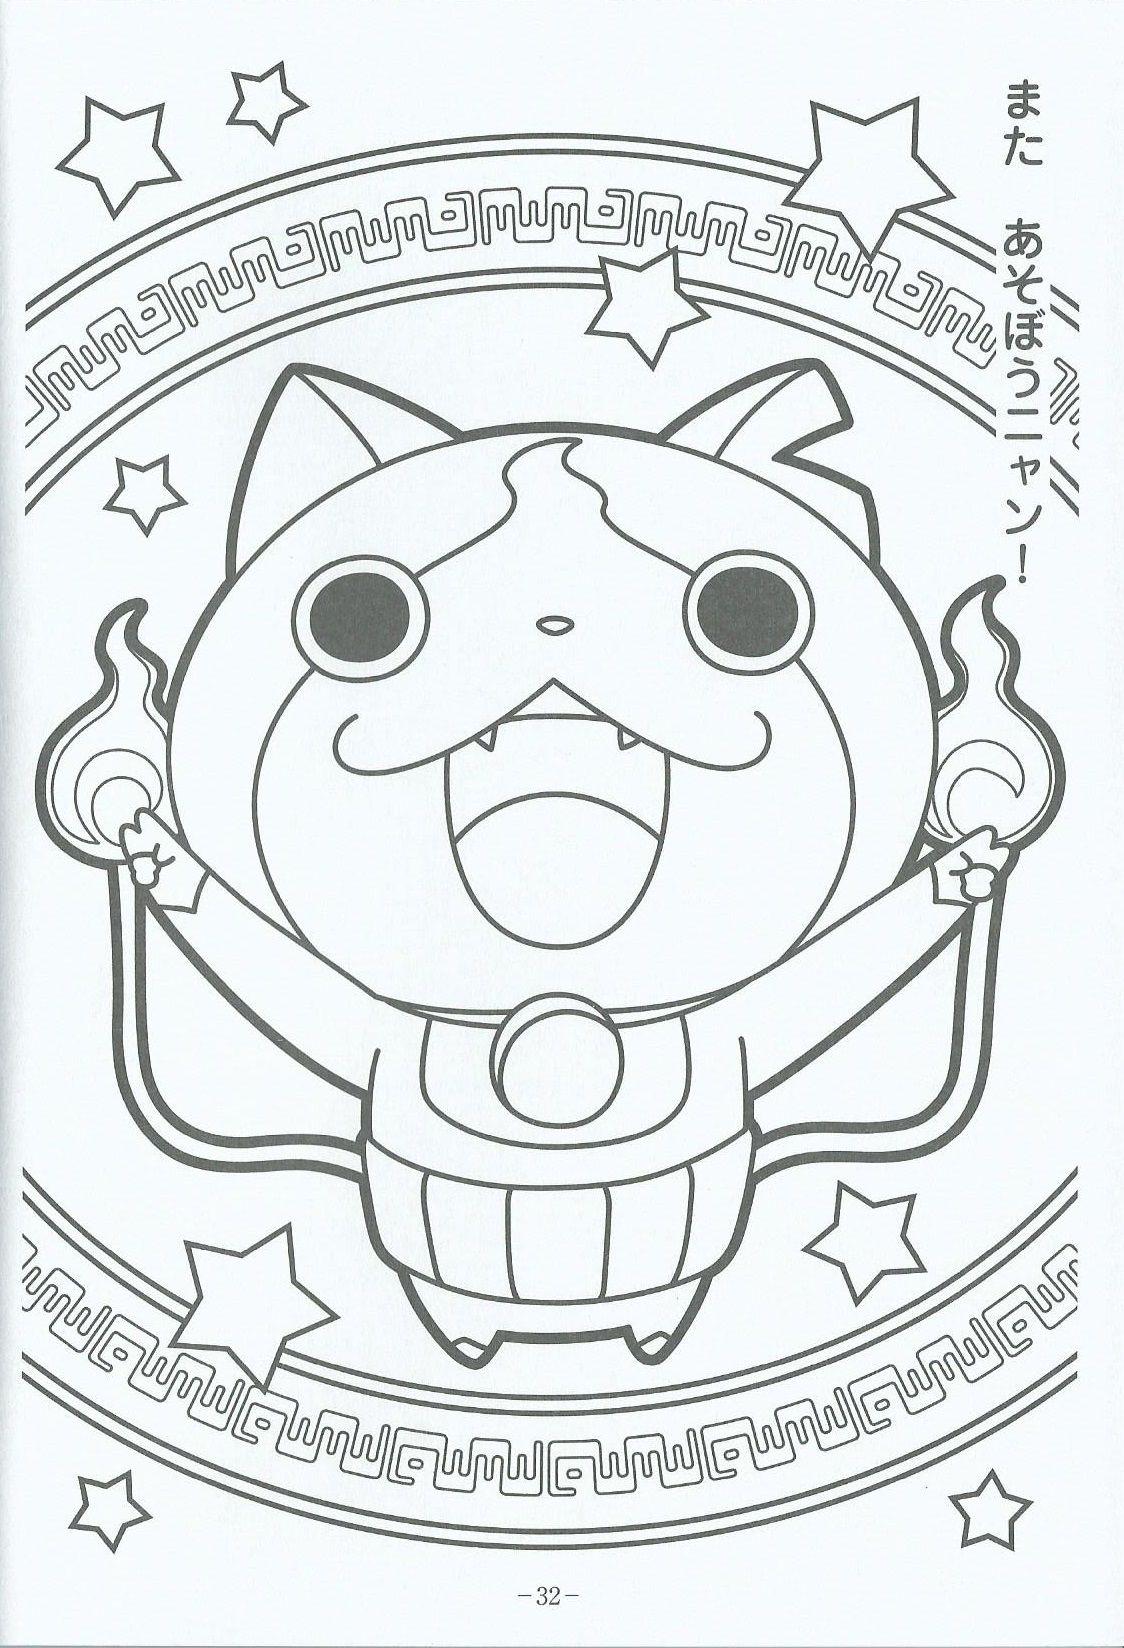 Megaman x coloring pages - Youkai Jibanyan